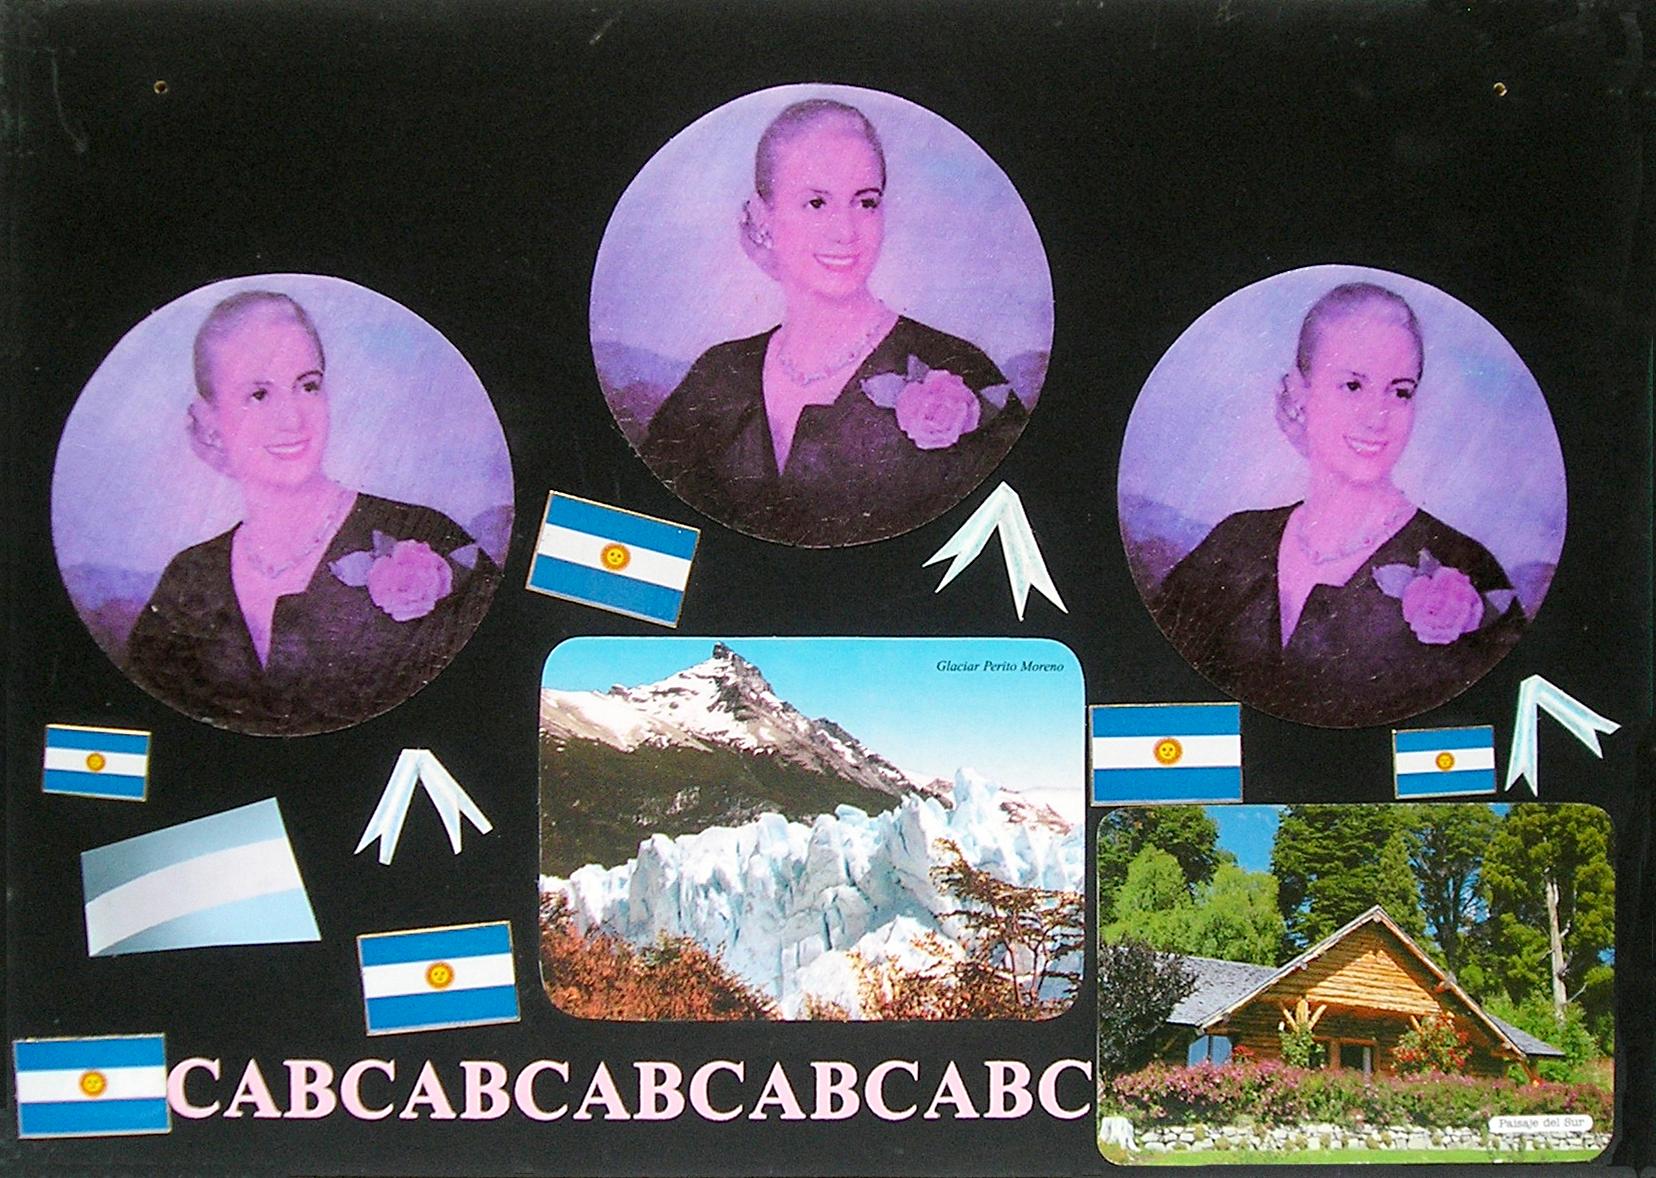 Evita Maestra recorre el país, El Sur ; serie, técnica mixta sobre pizarrón; 21 x 30 cm, 2007